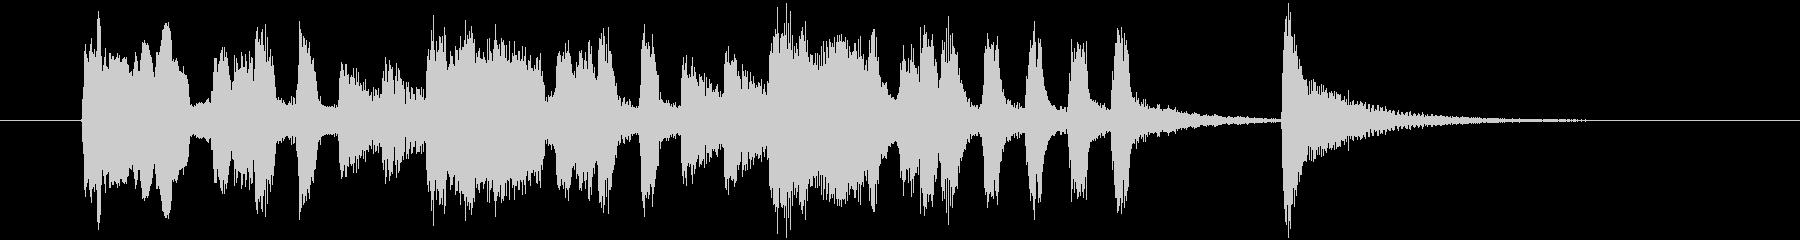 明るく豪華な管楽器シンセサウンドの未再生の波形